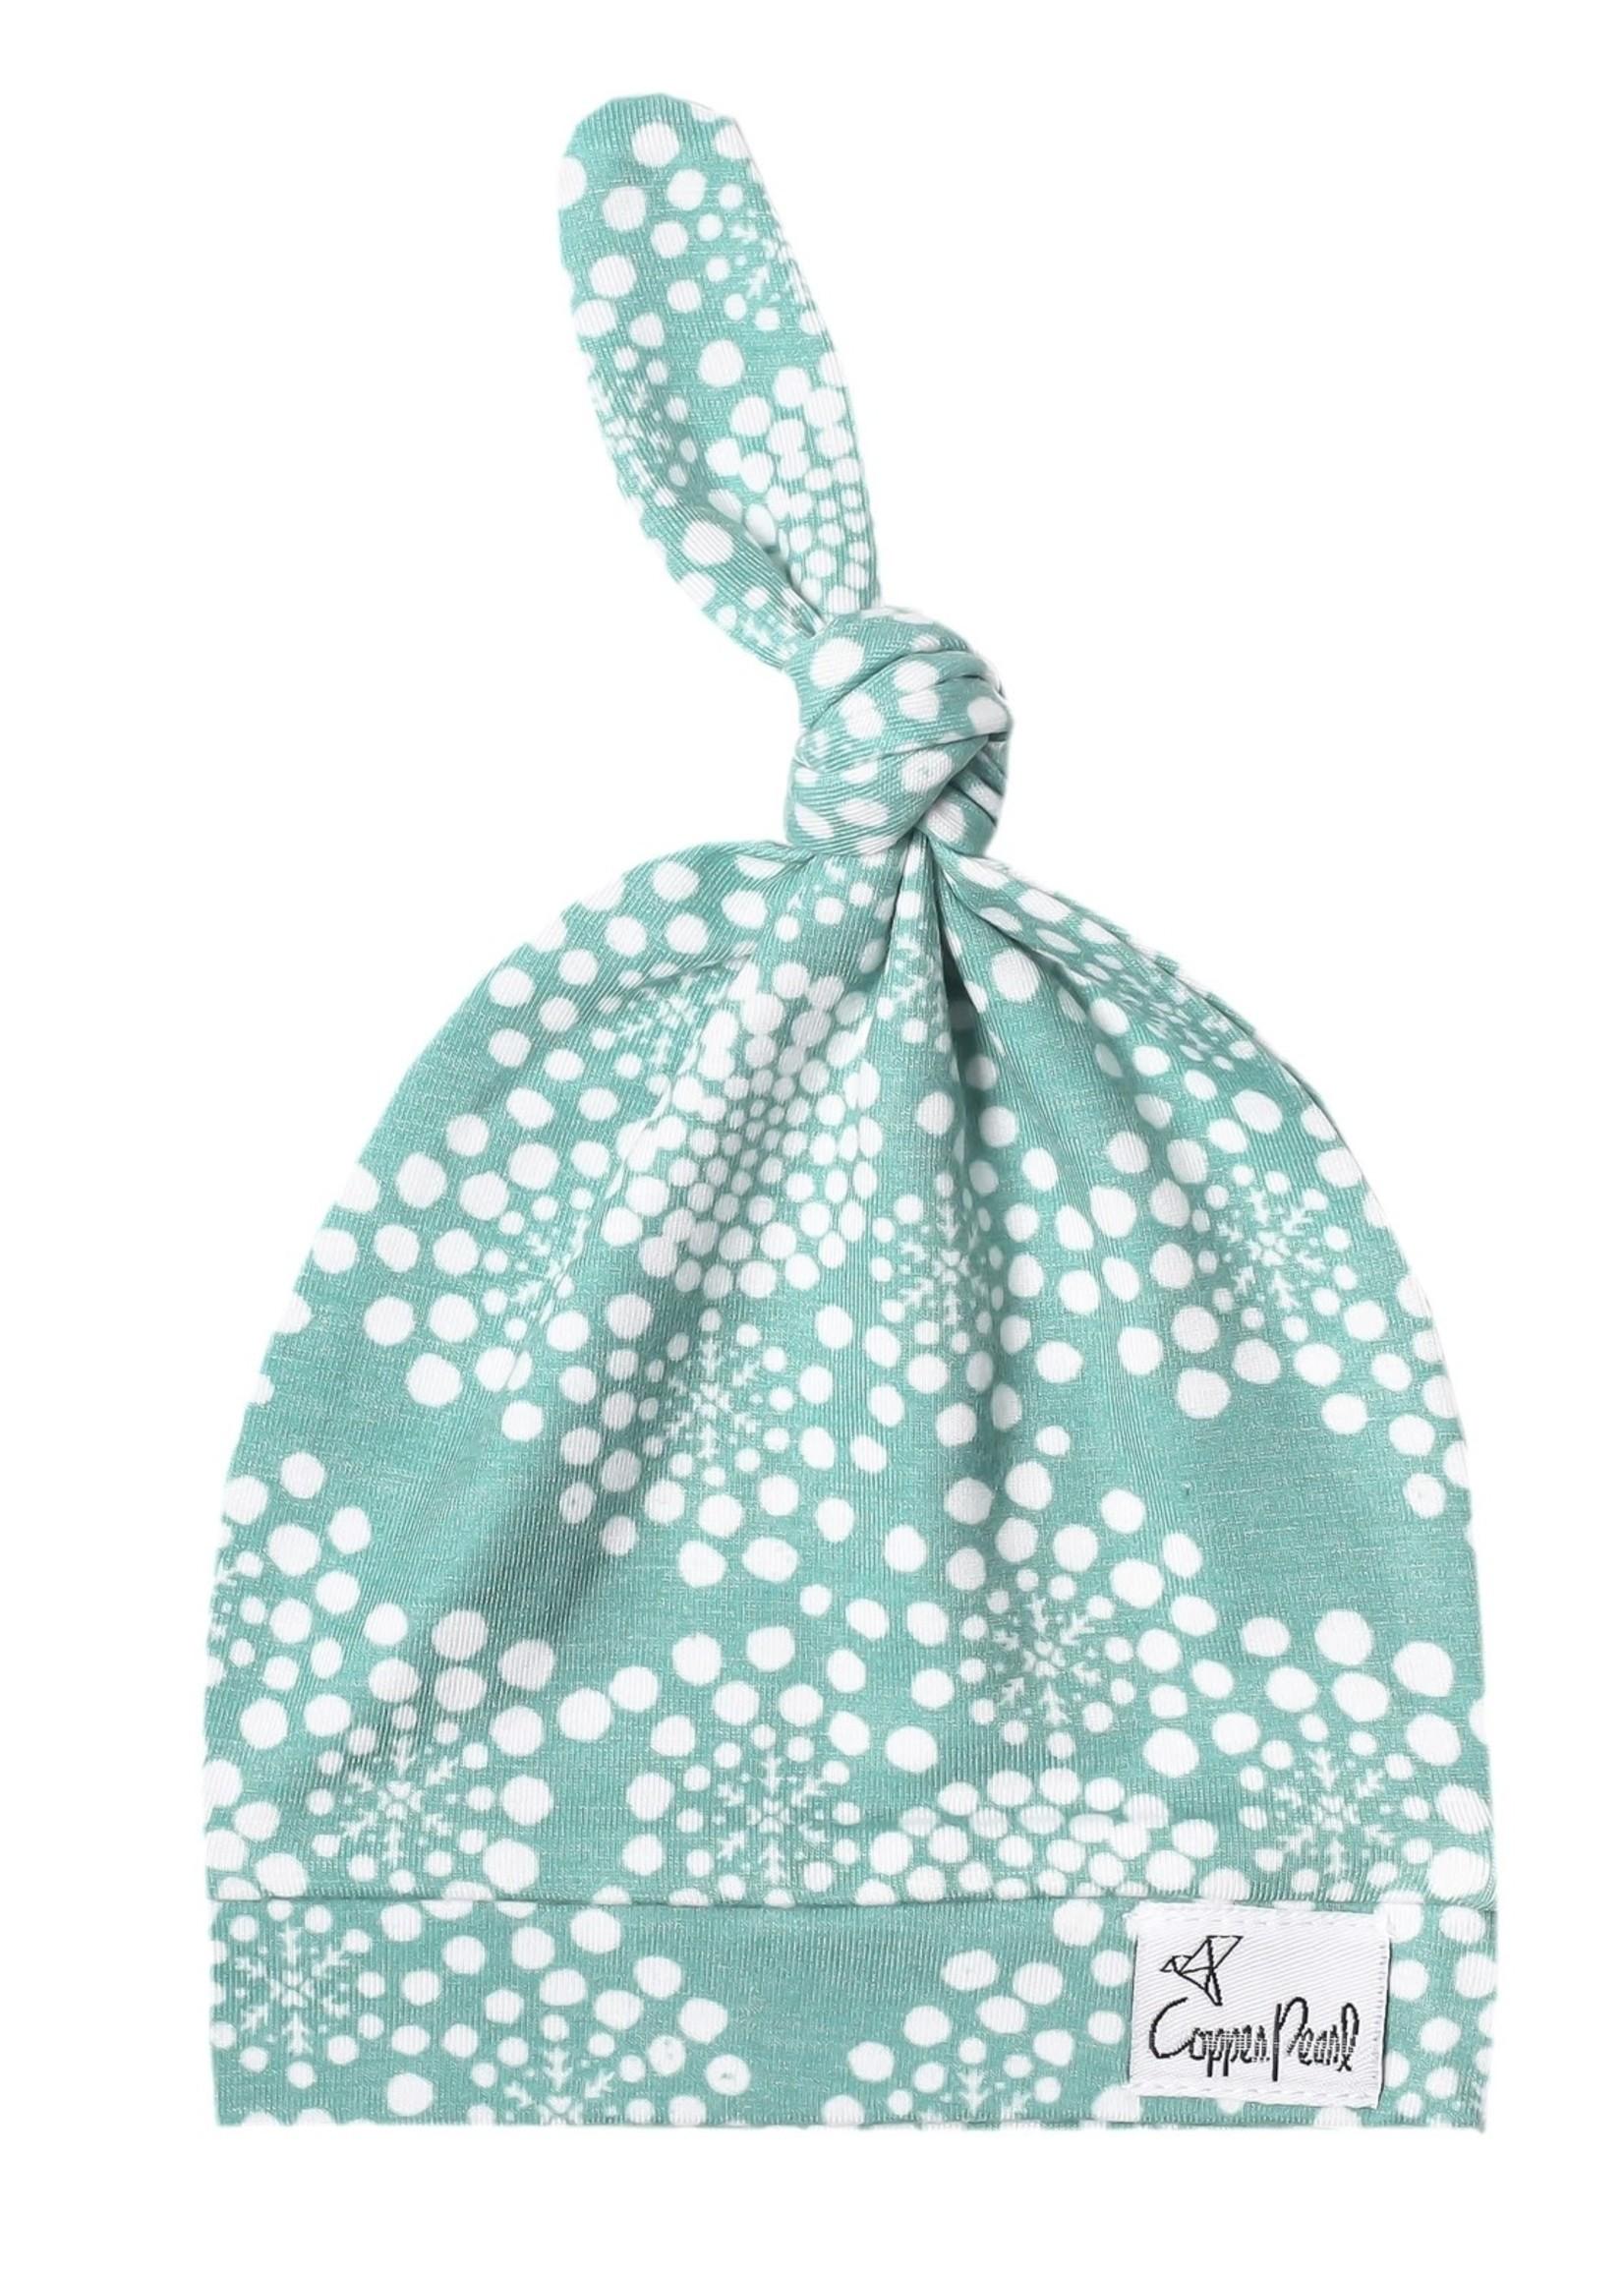 COPPER PEARL Top Knot Hat JANE NEWBORN